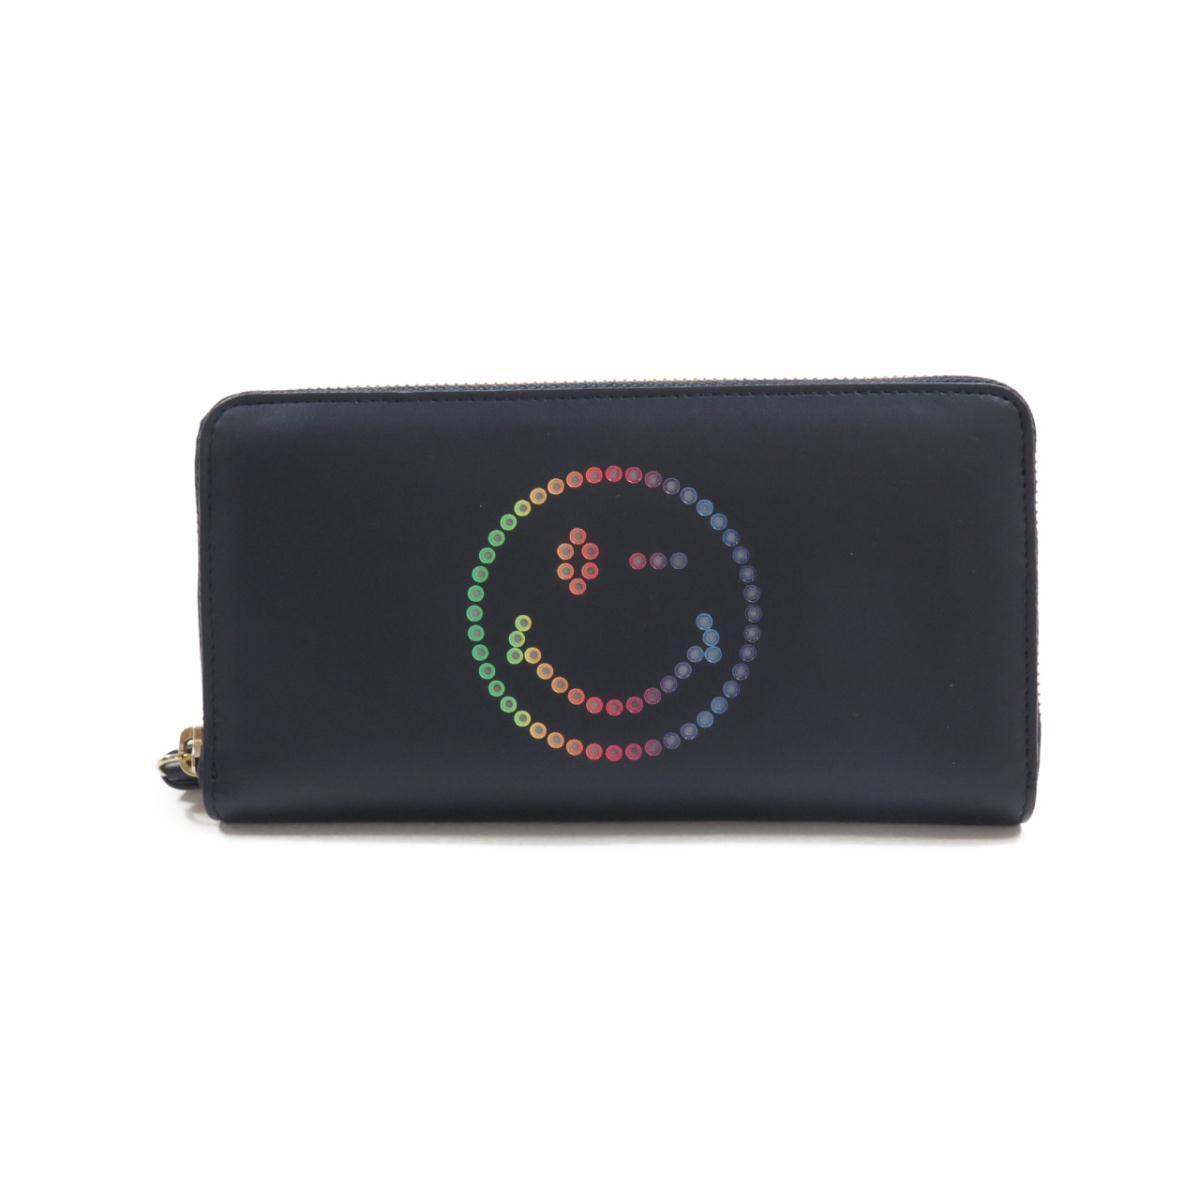 アニヤハインドマーチ 財布【中古】